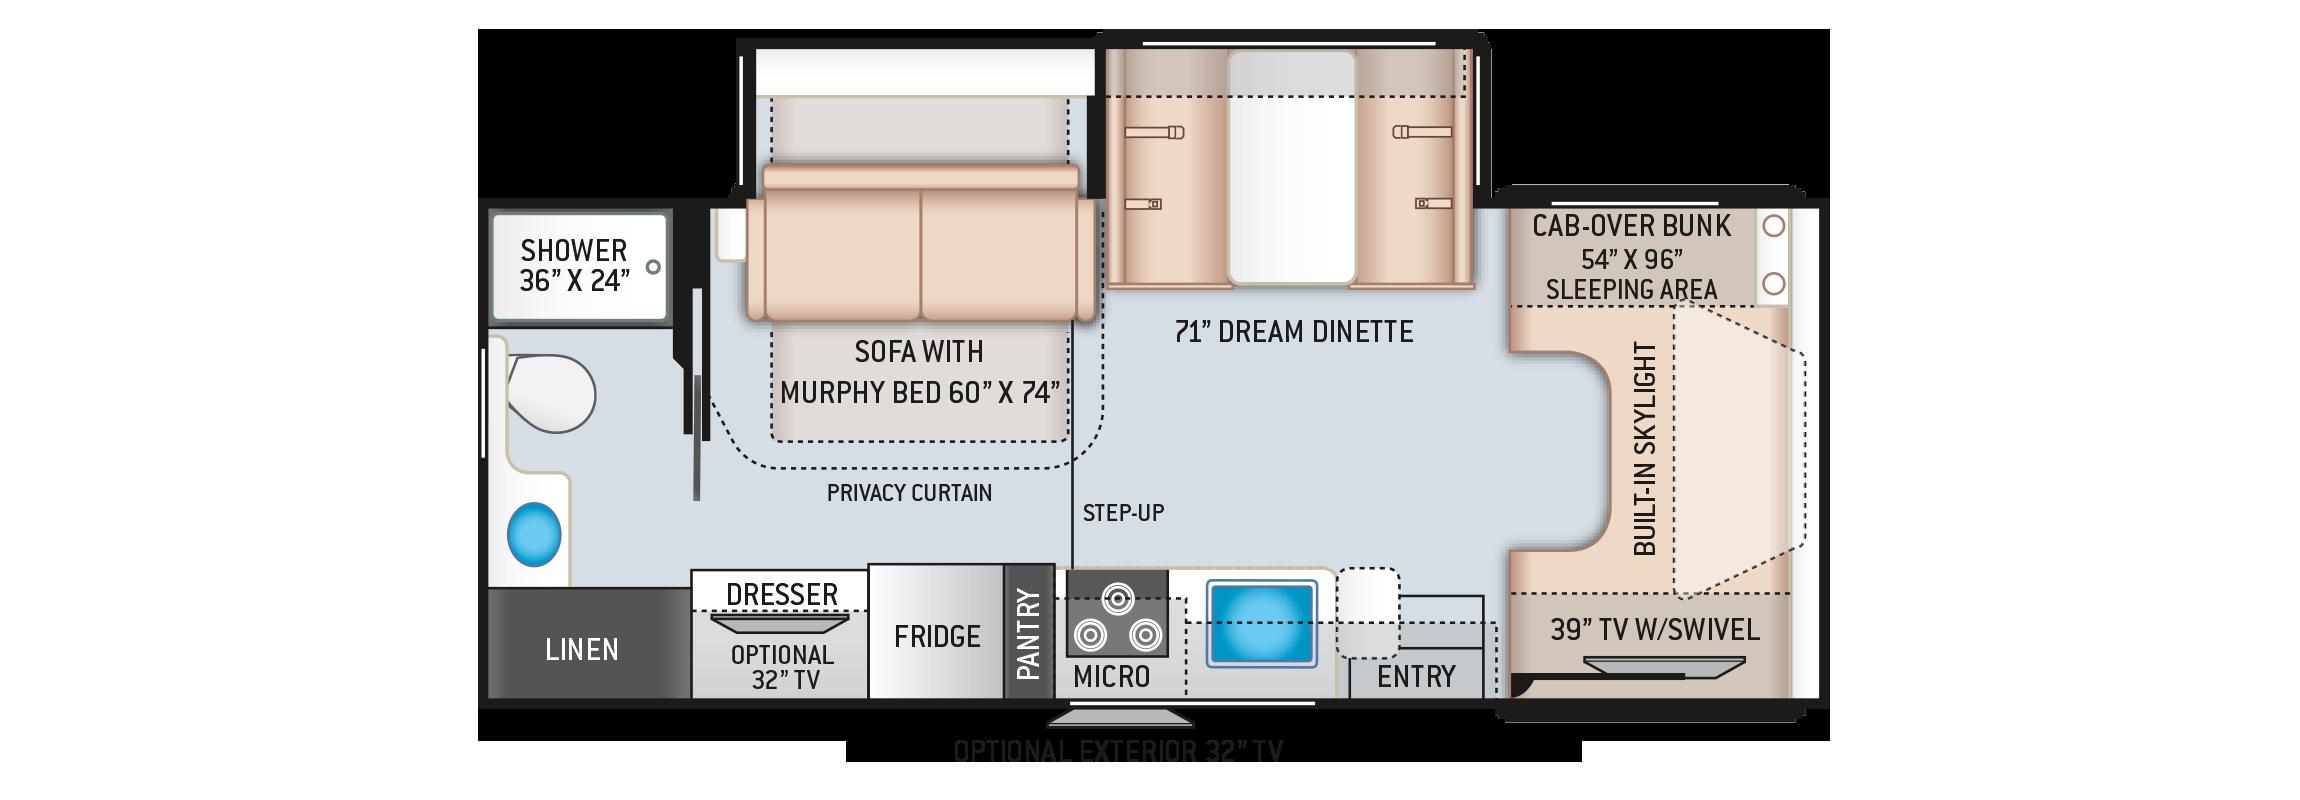 Quantum Class C RV LC25 Floor Plan